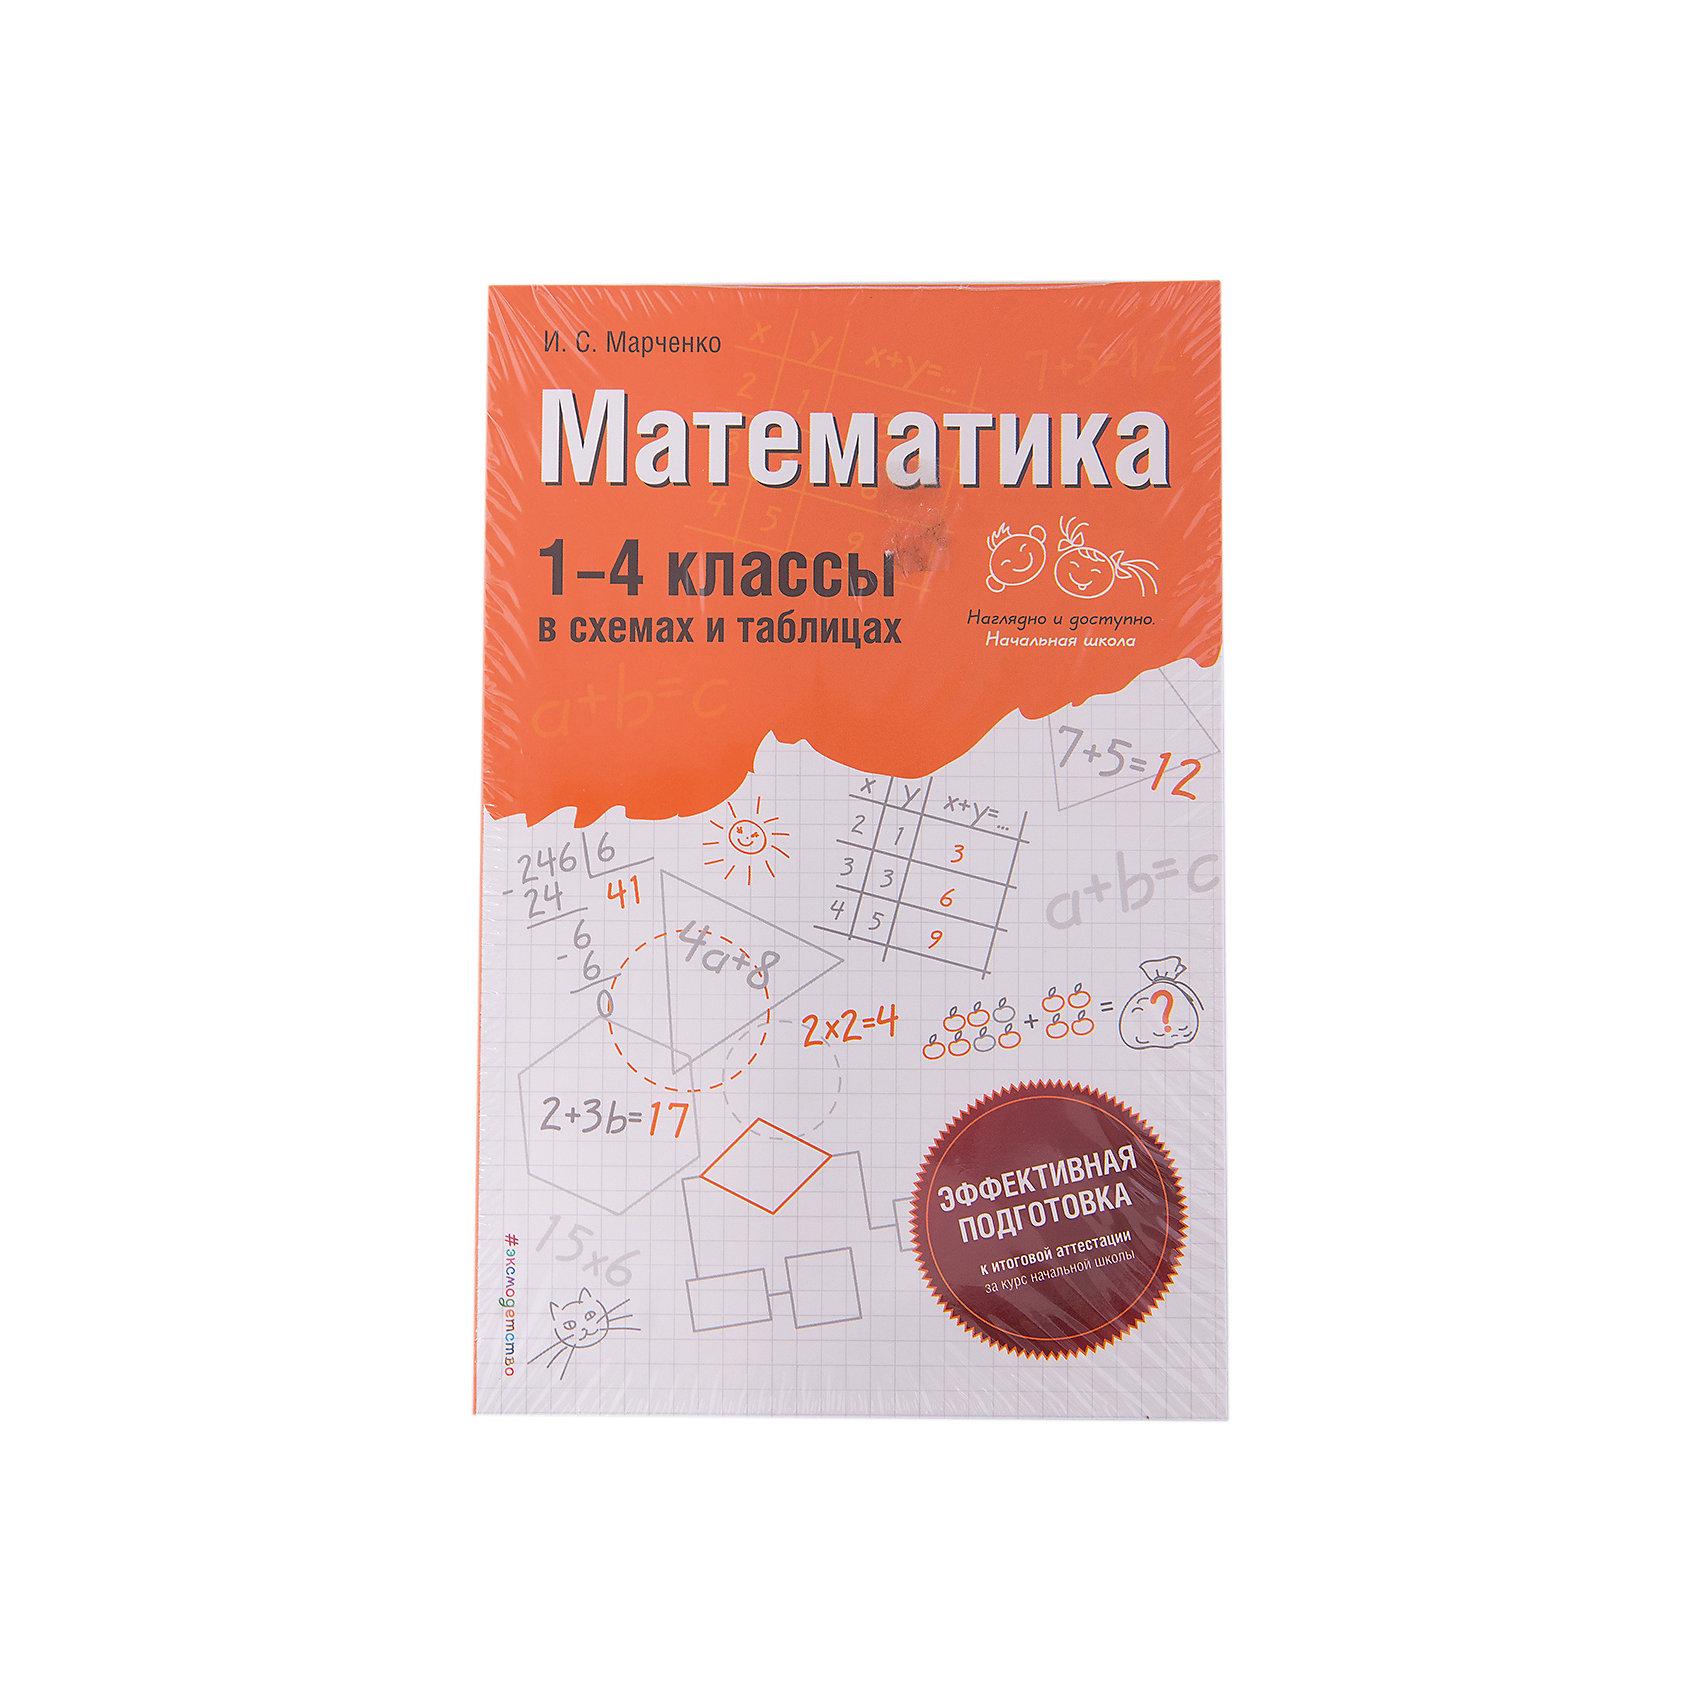 Математика: 1-4 классы в схемах и таблицахОбучение счету<br>Математика: 1-4 классы в схемах и таблицах, Эксмо – это замечательное учебное пособие для младших школьников.<br>В издании в сжатой, концентрированной форме приводится основной теоретический материал, охватывающий курс математики начальной школы. Правила, определения объединены в наглядные логические блоки, схемы, которые позволяют лучше понять и усвоить информацию.<br><br>Дополнительная информация:<br><br>- Автор: Марченко Ирина Степановна<br>- Редактор: Жилинская А.<br>- Издательство: «Эксмо»<br>- Тип обложки: мягкий переплет (крепление скрепкой или клеем)<br>- Размеры: 212x138x8 мм.<br>- Вес: 148 г.<br>- Иллюстрации: черно-белые<br>- Количество страниц: 144<br>- Бумага: офсет<br><br>Книга «Математика: 1-4 классы в схемах и таблицах», Эксмо окажет неоценимую помощь в учебе, систематизируя полученные знания, а также будет полезным при подготовке к итоговому тестированию по математике за курс начальной школы.<br><br>Книгу «Математика: 1-4 классы в схемах и таблицах», Эксмо можно купить в нашем интернет-магазине.<br><br>Ширина мм: 212<br>Глубина мм: 138<br>Высота мм: 7<br>Вес г: 150<br>Возраст от месяцев: 72<br>Возраст до месяцев: 120<br>Пол: Унисекс<br>Возраст: Детский<br>SKU: 3710015